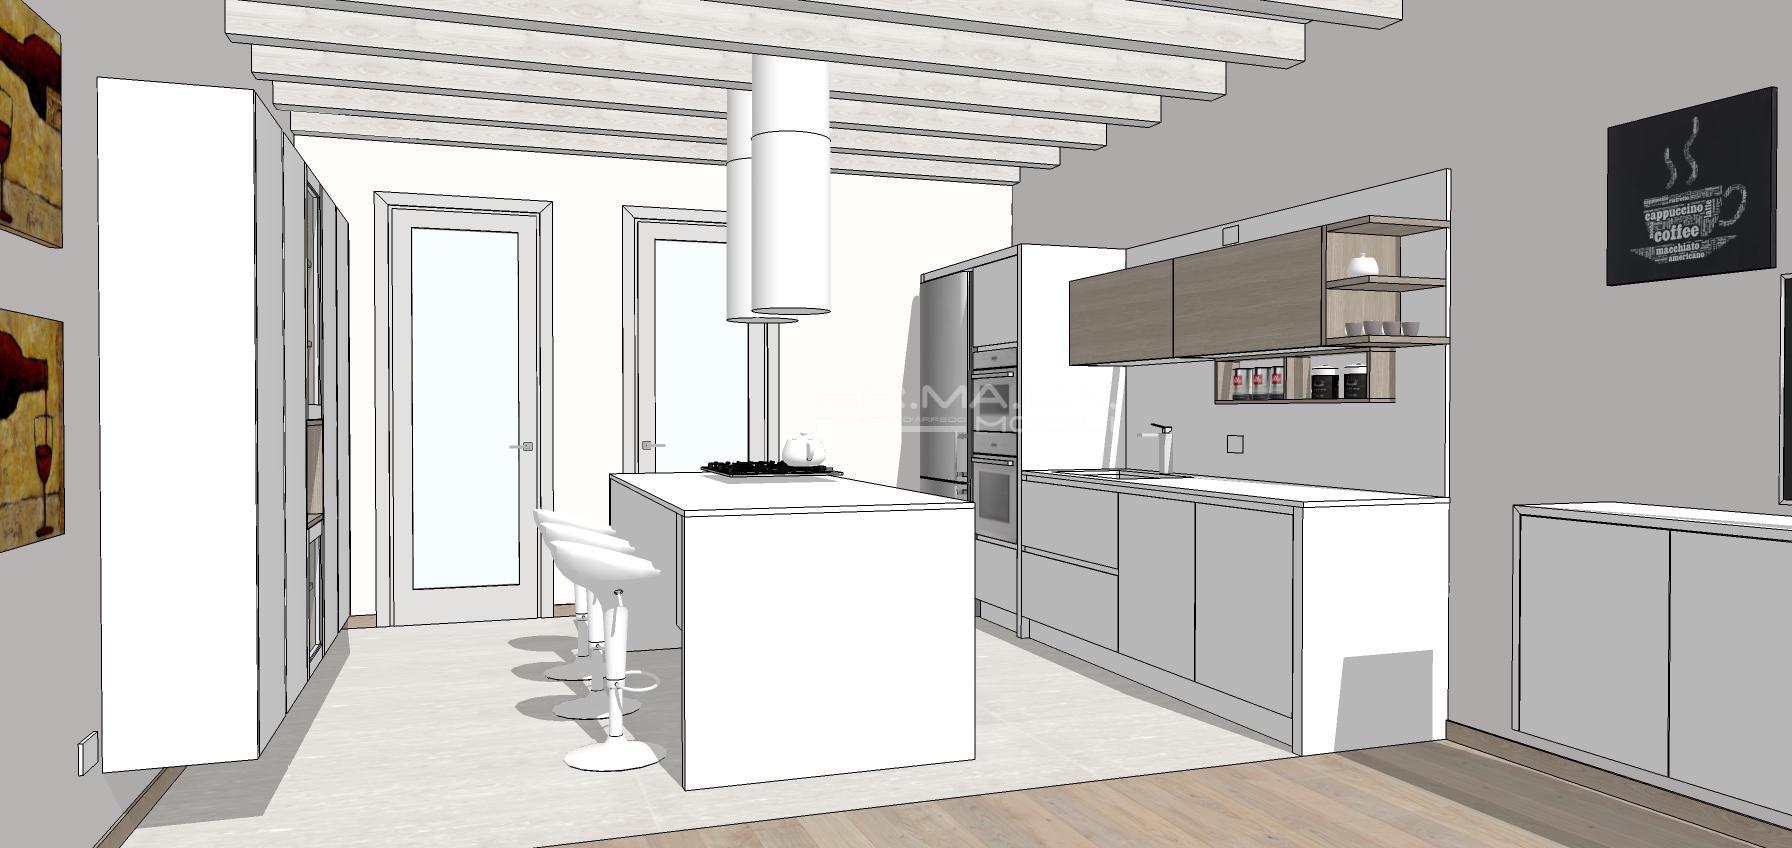 Cucina 18 er ma da mobilificio progetta e for Progetta i tuoi mobili online